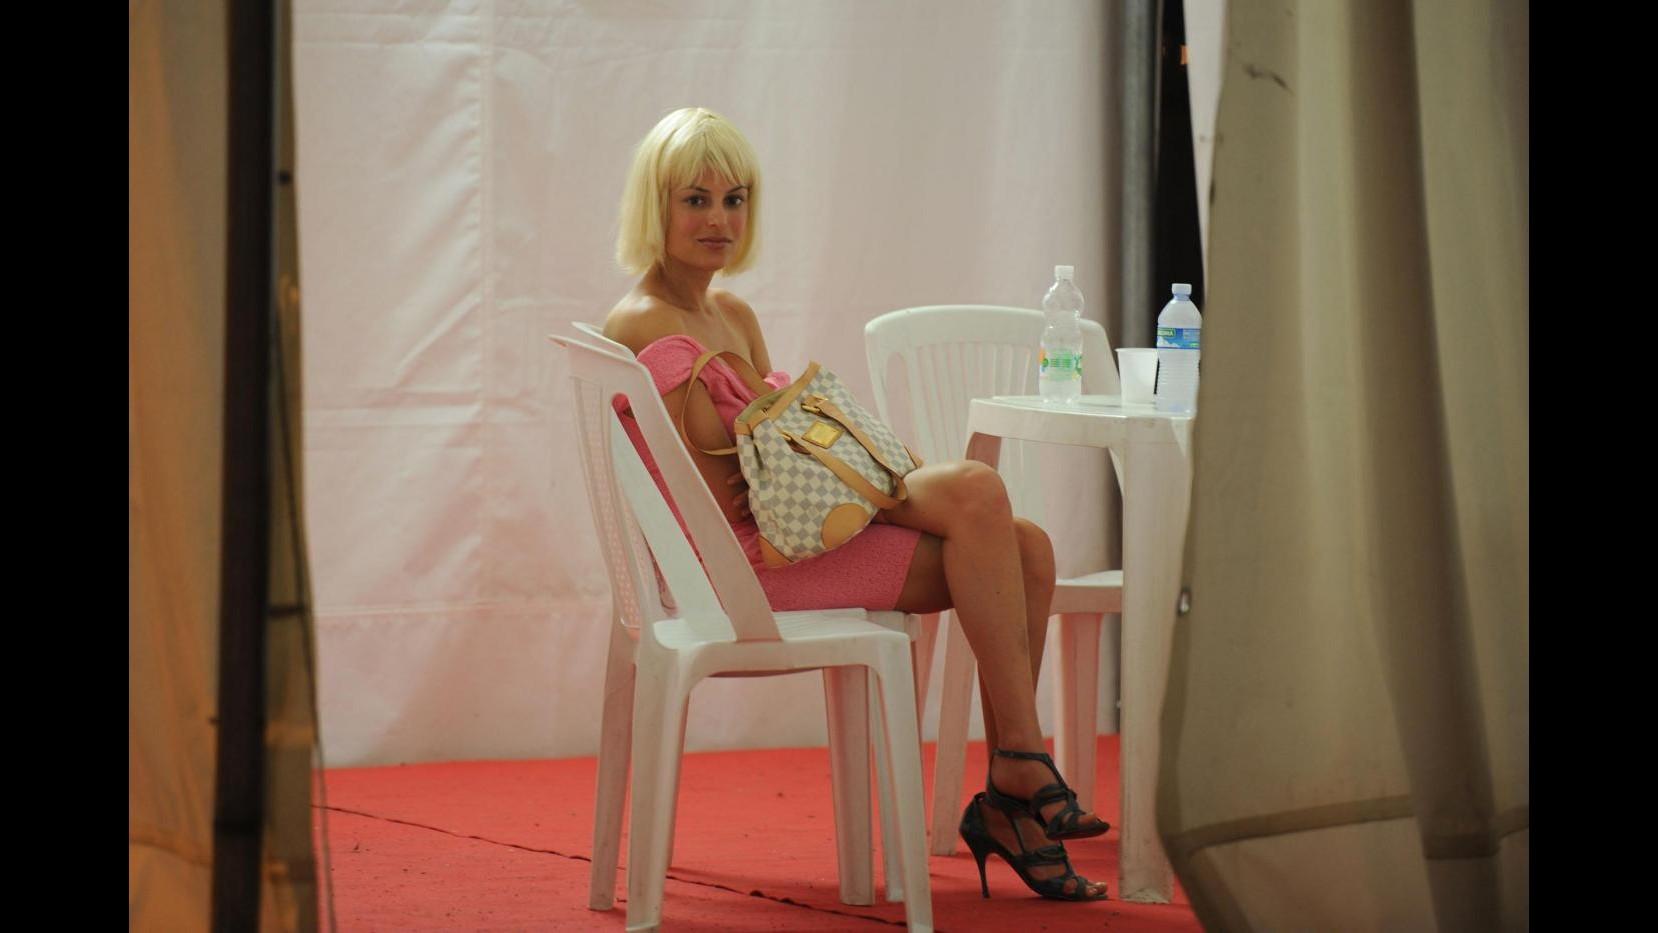 Salerno, convinsero Sara Tommasi a fare film porno: due arresti